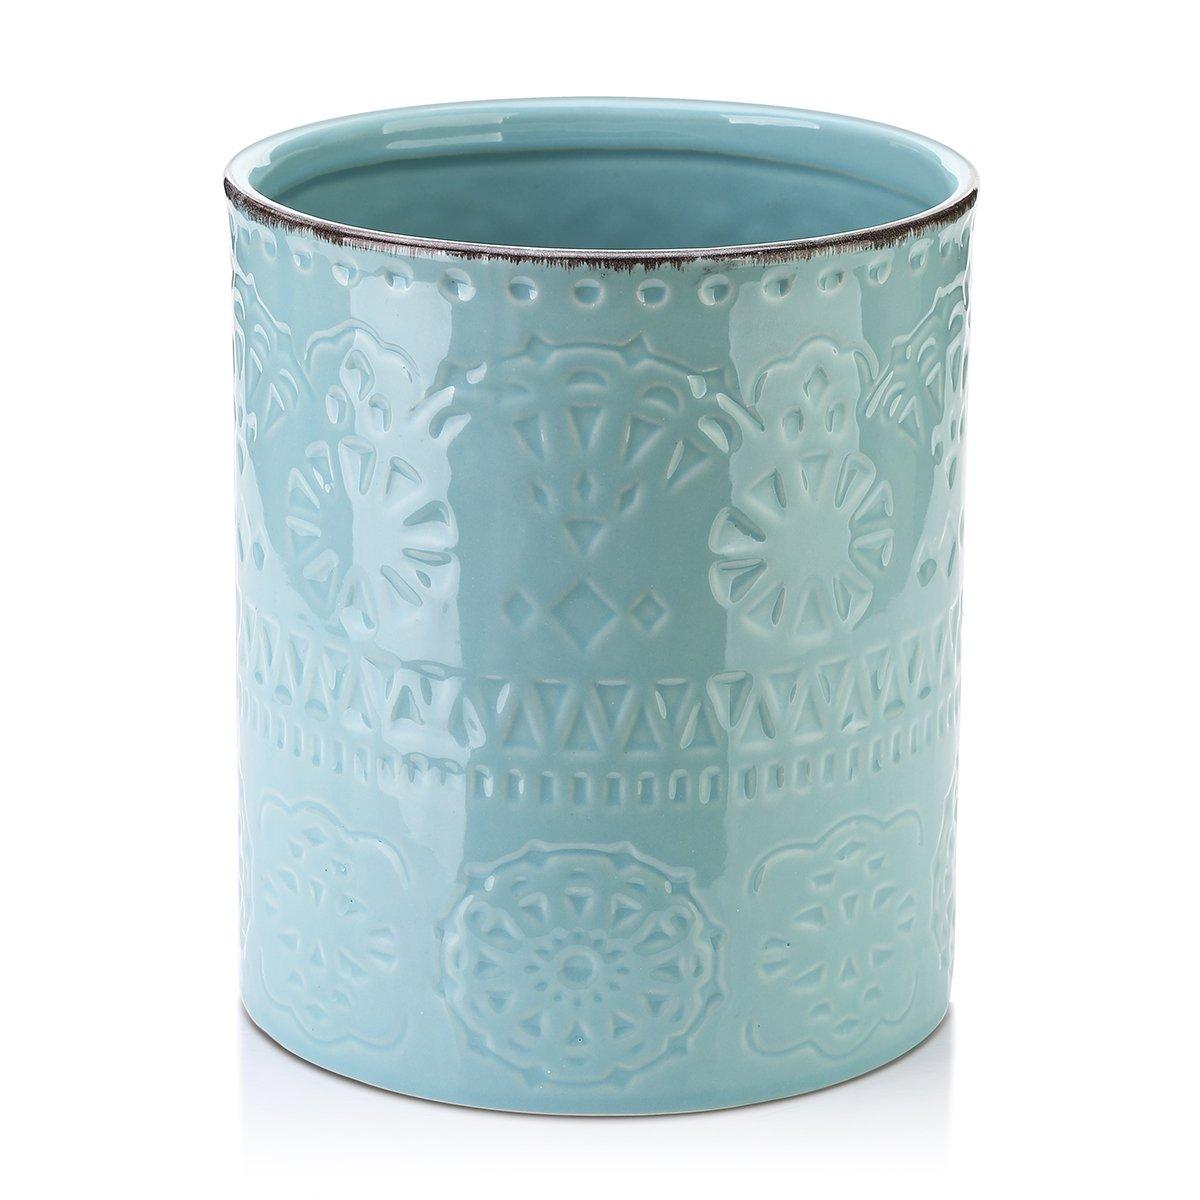 DOWAN Utensil Holder, Ceramic Kitchen Utensil Holder with Cork Mat, Embossed Utensils Holder, Blue